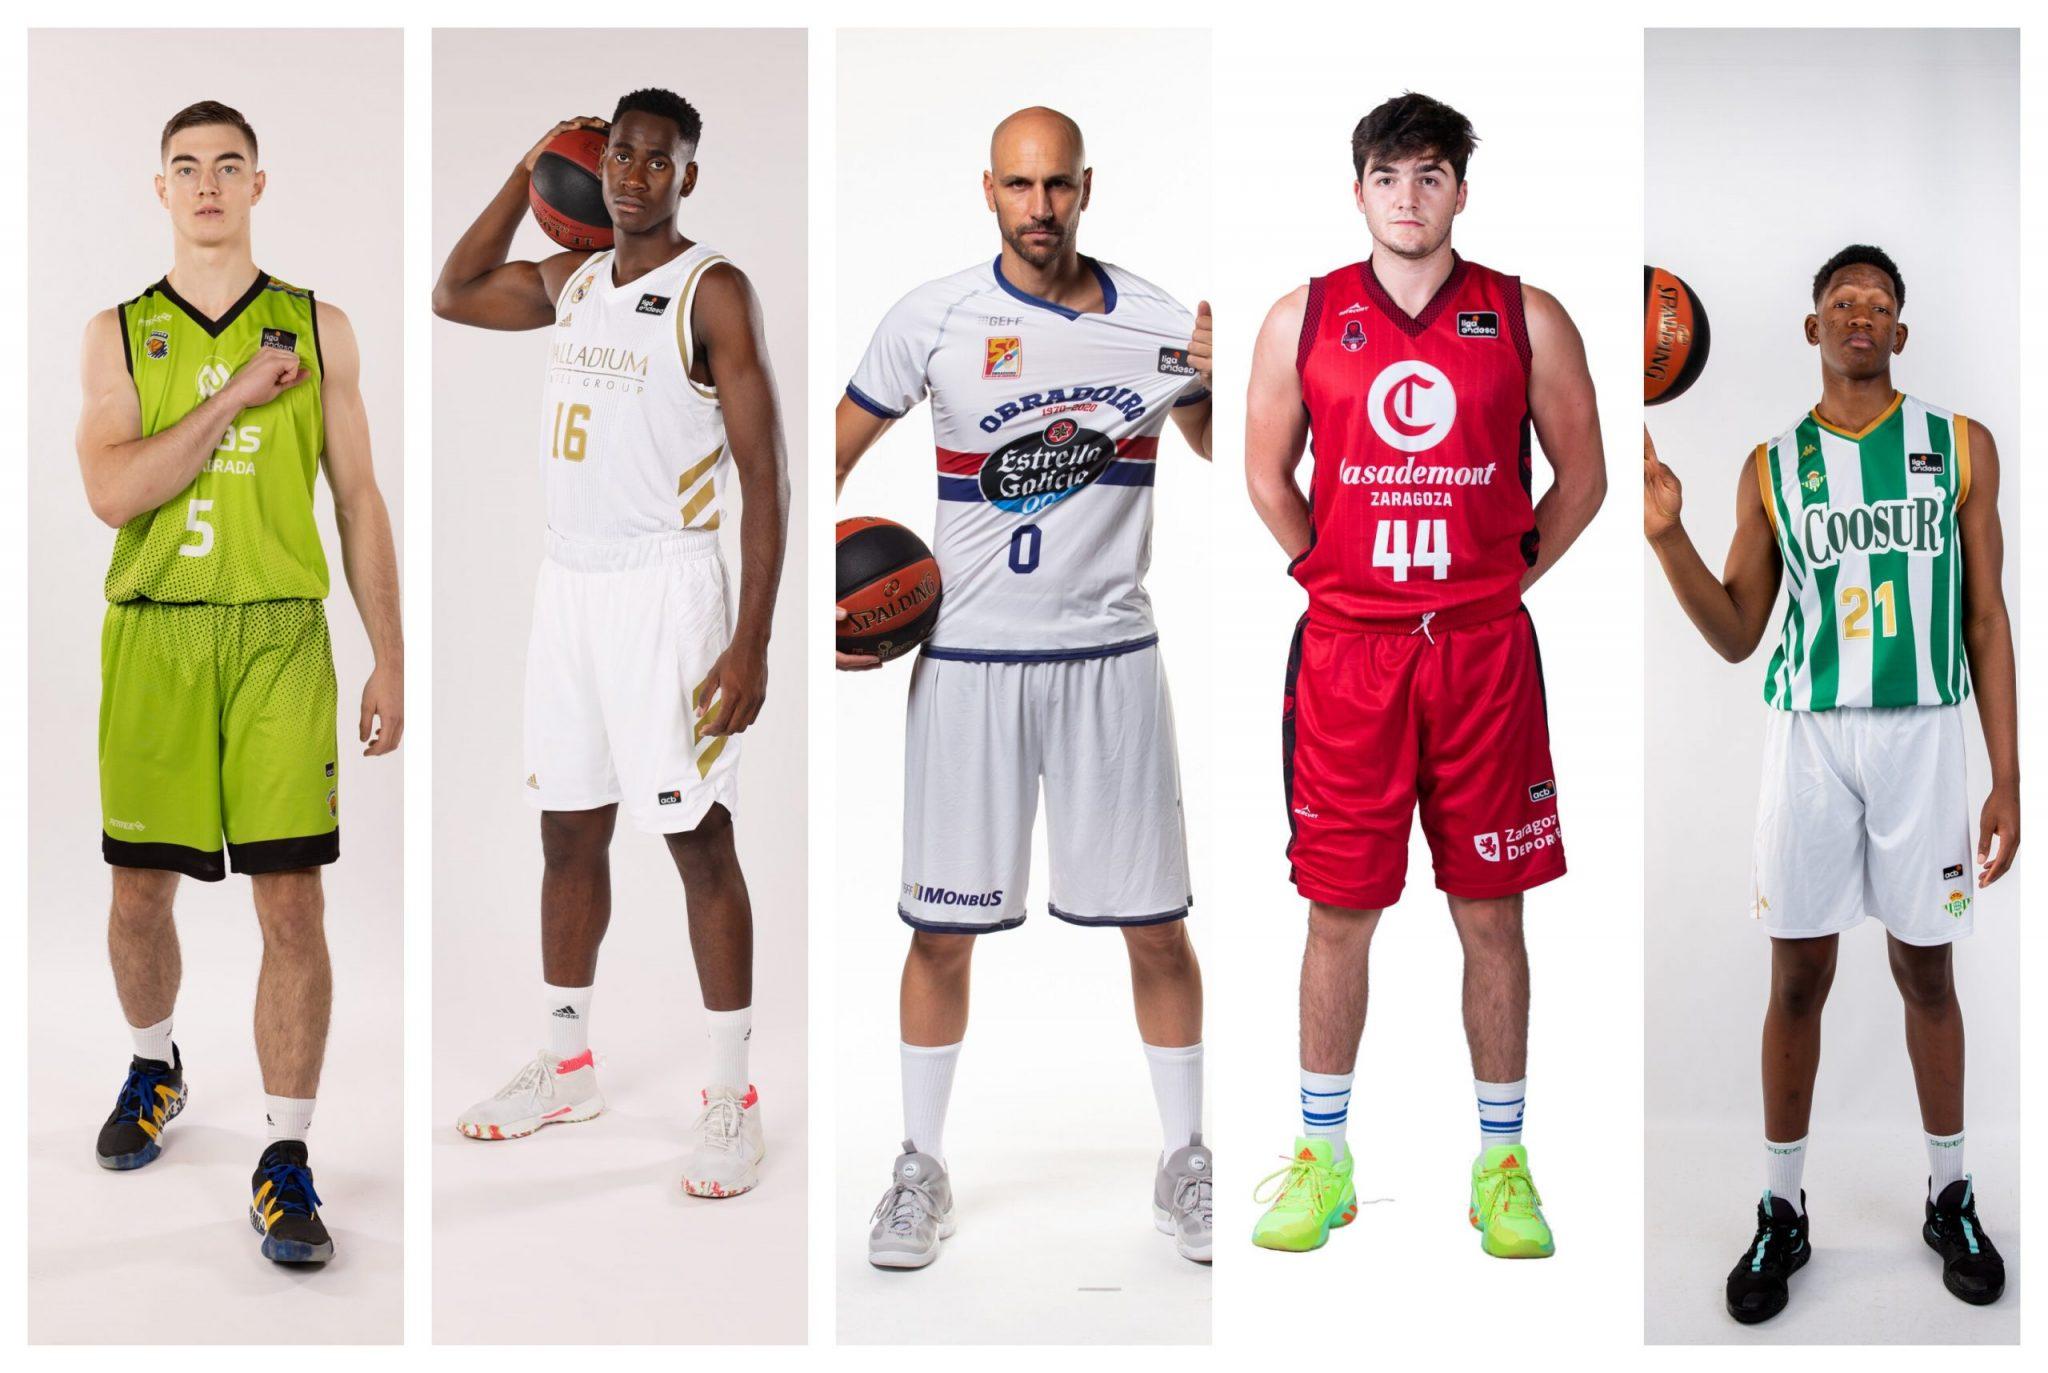 Los 10 jugadores más veteranos y los 10 más jóvenes de la Liga Endesa